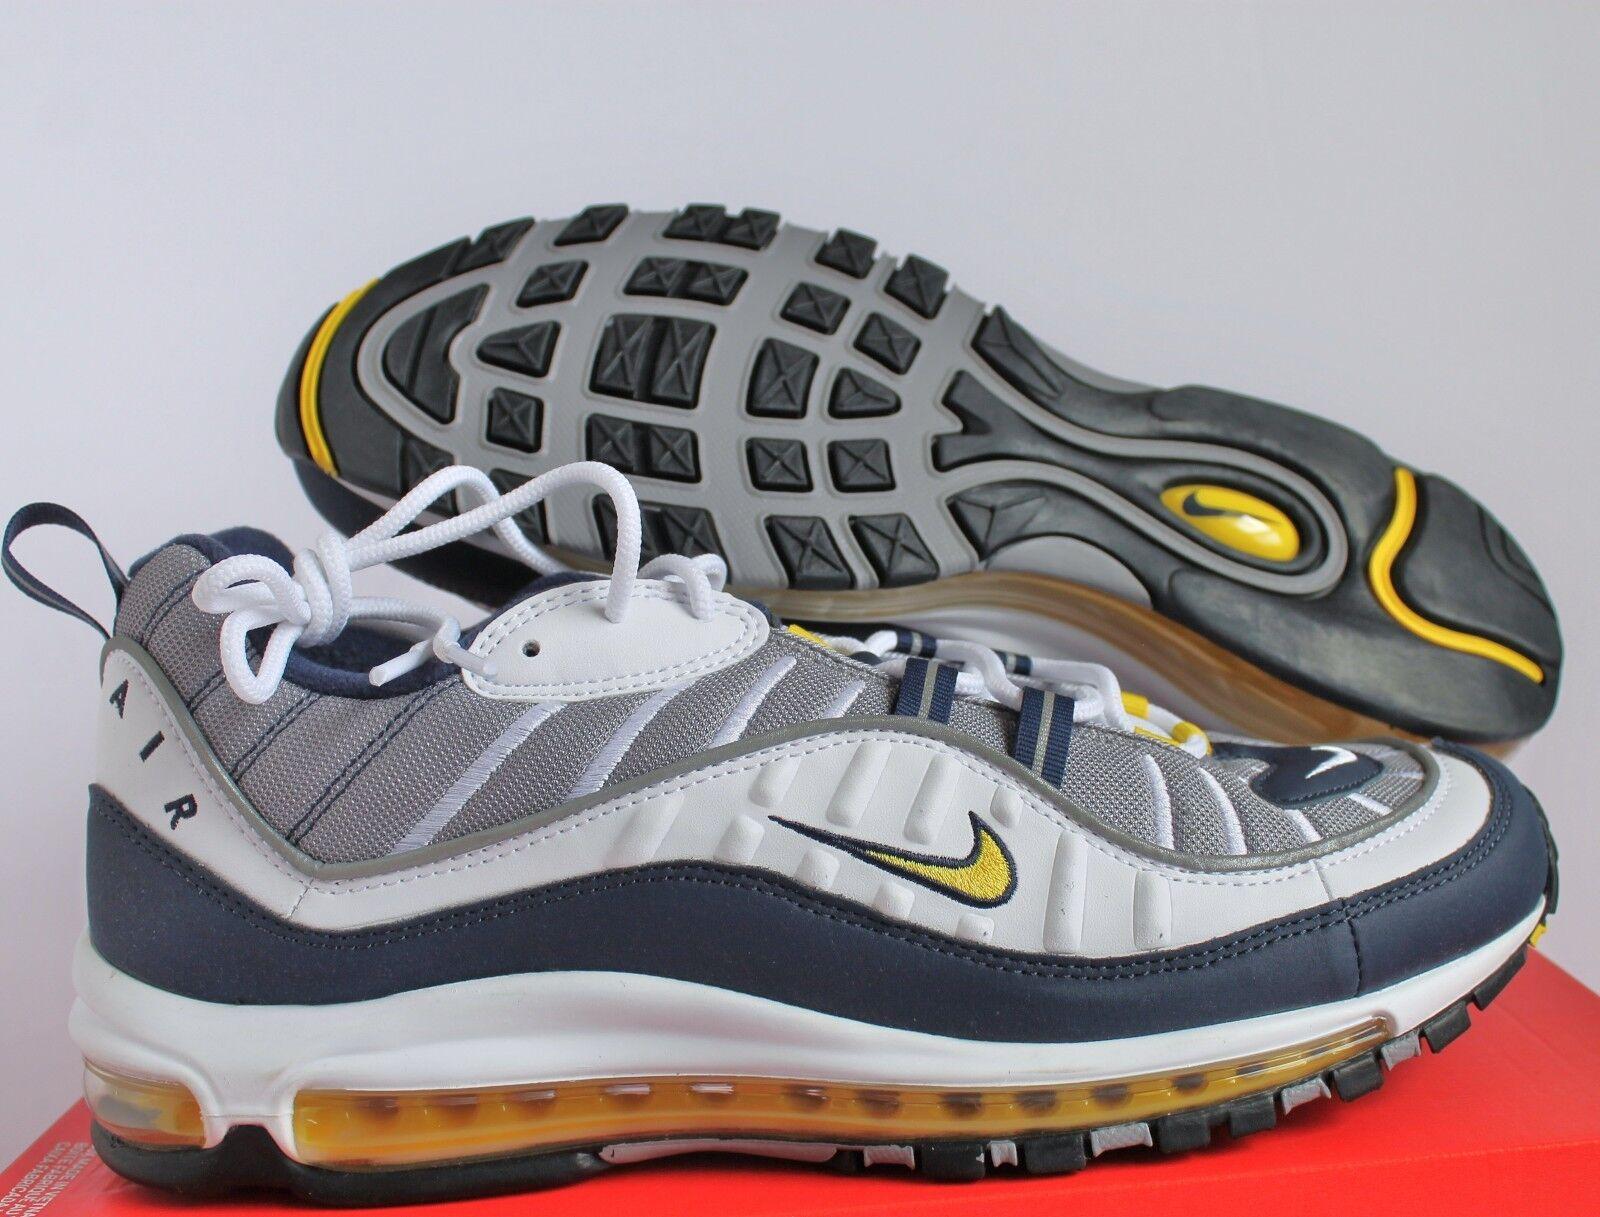 Nike Men Air Max 98 White Tour Yellow Midnight Navy sz 15 [640744 105]